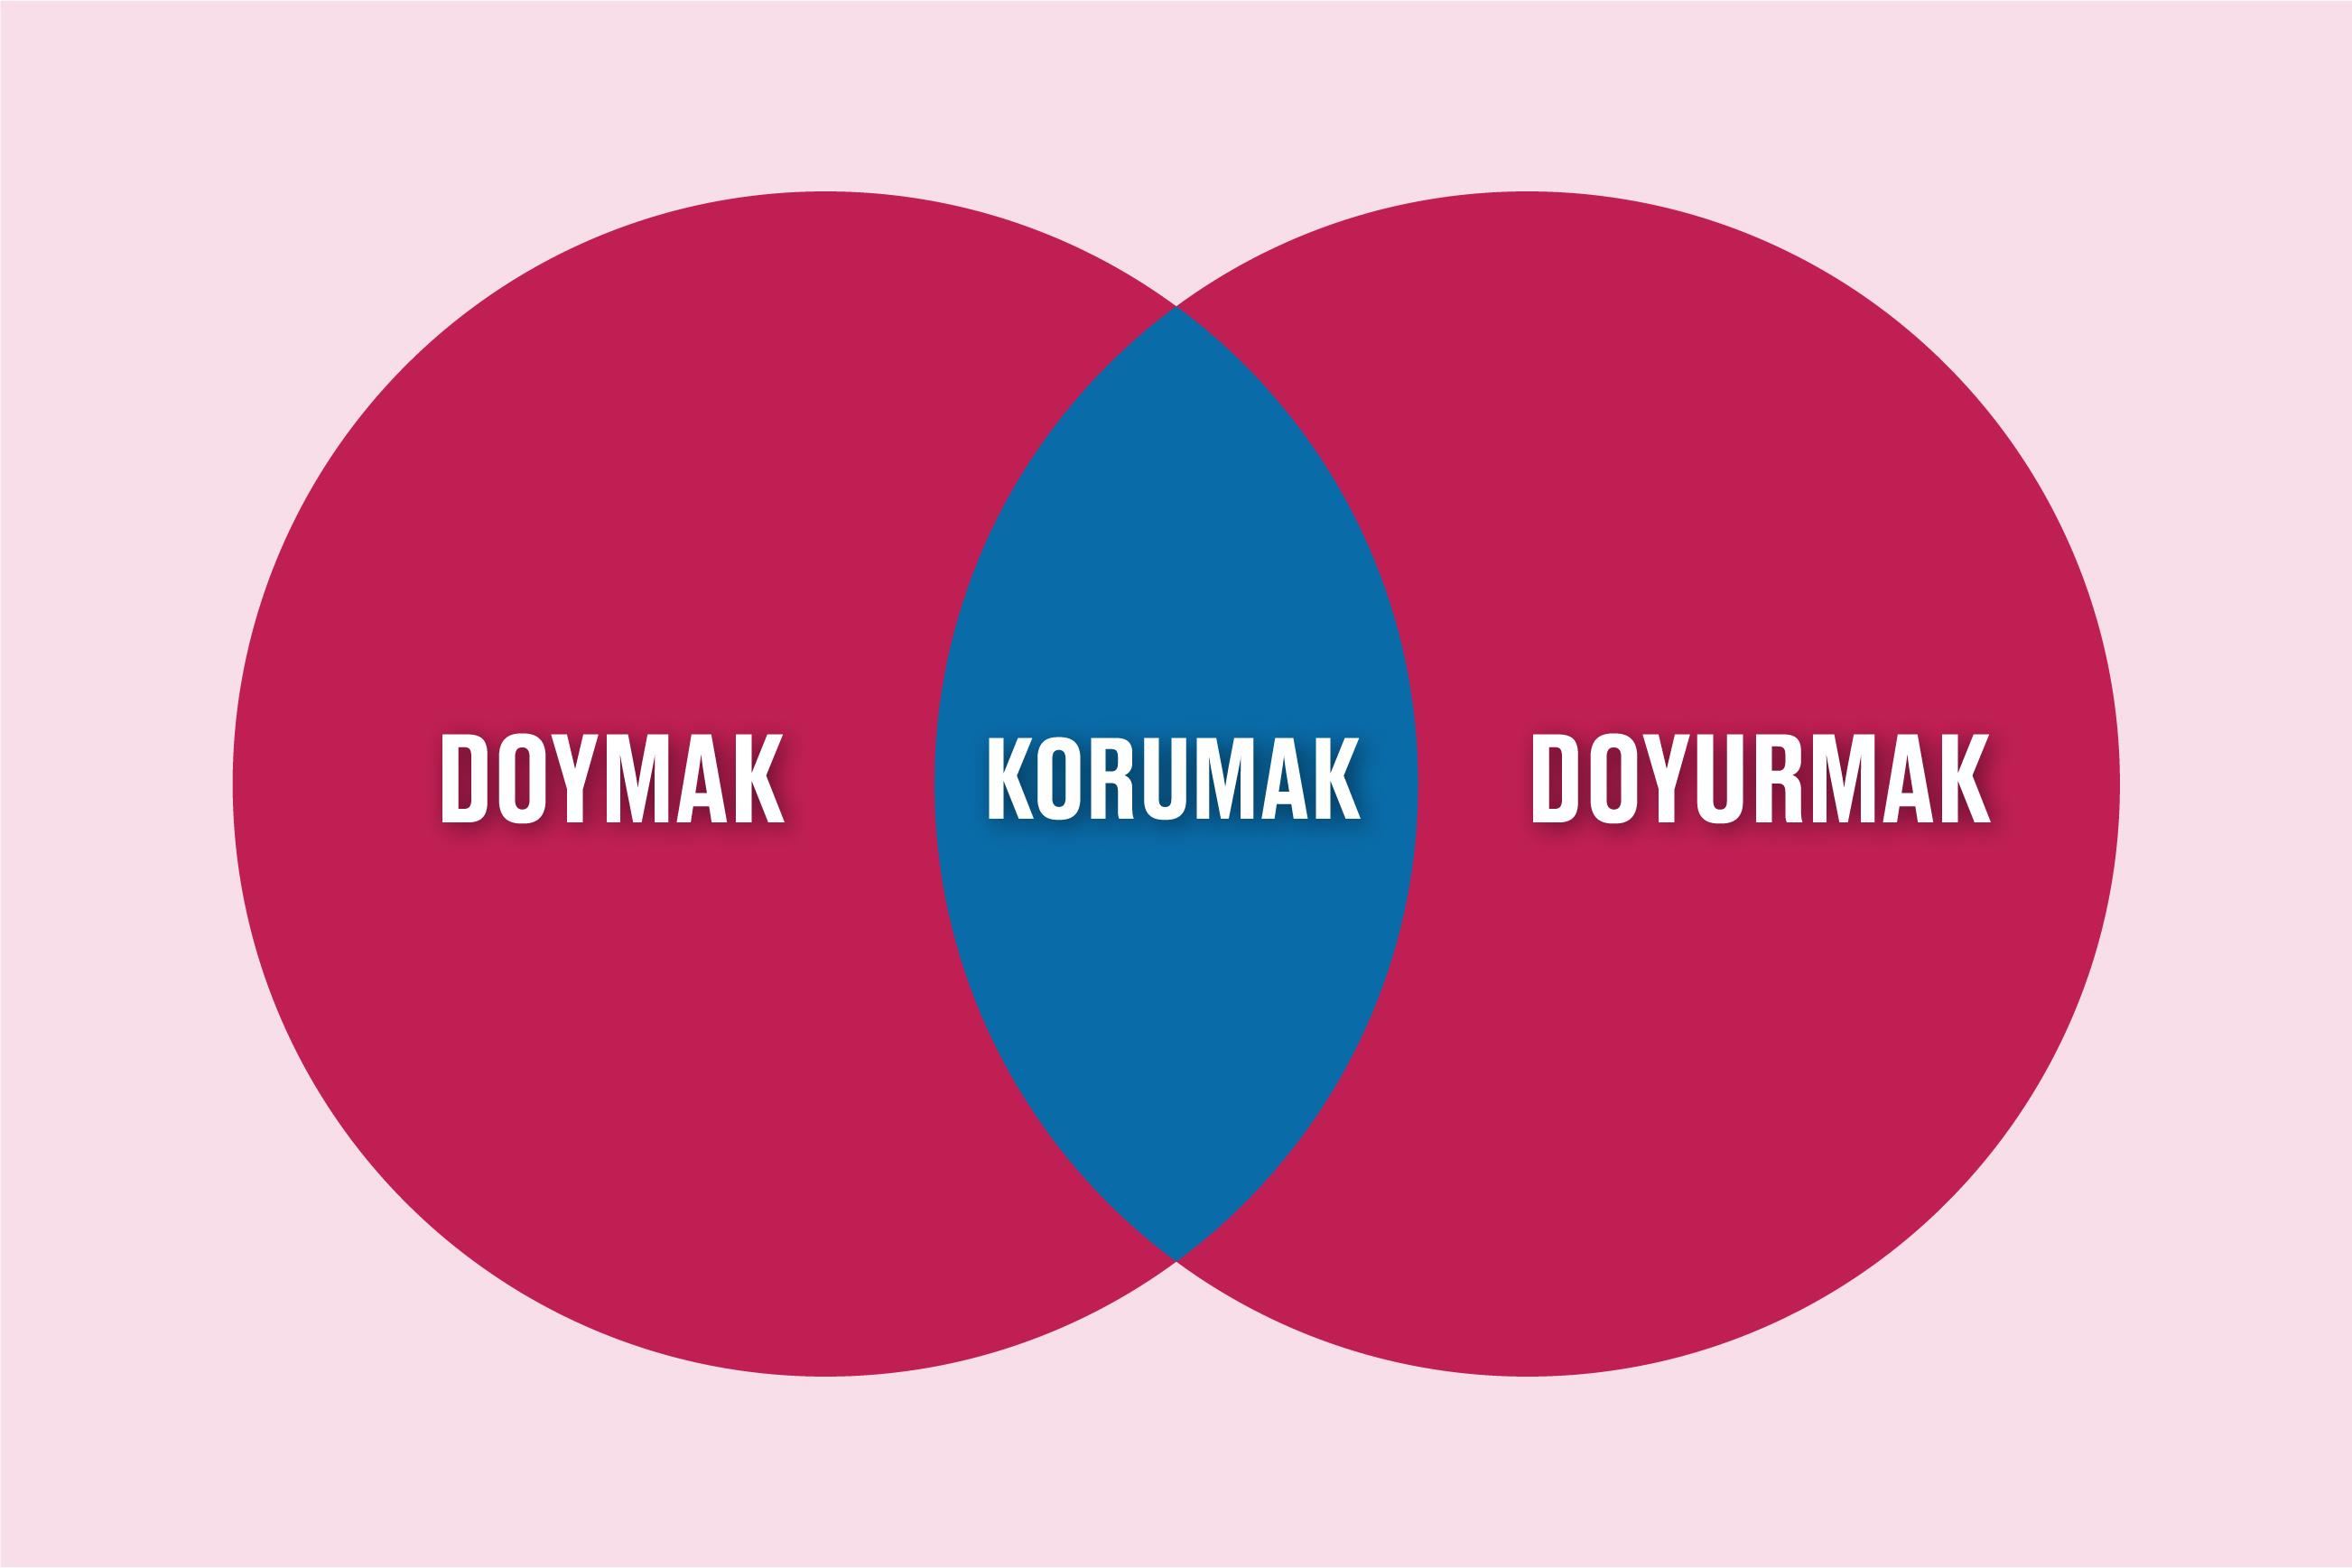 korumak-son